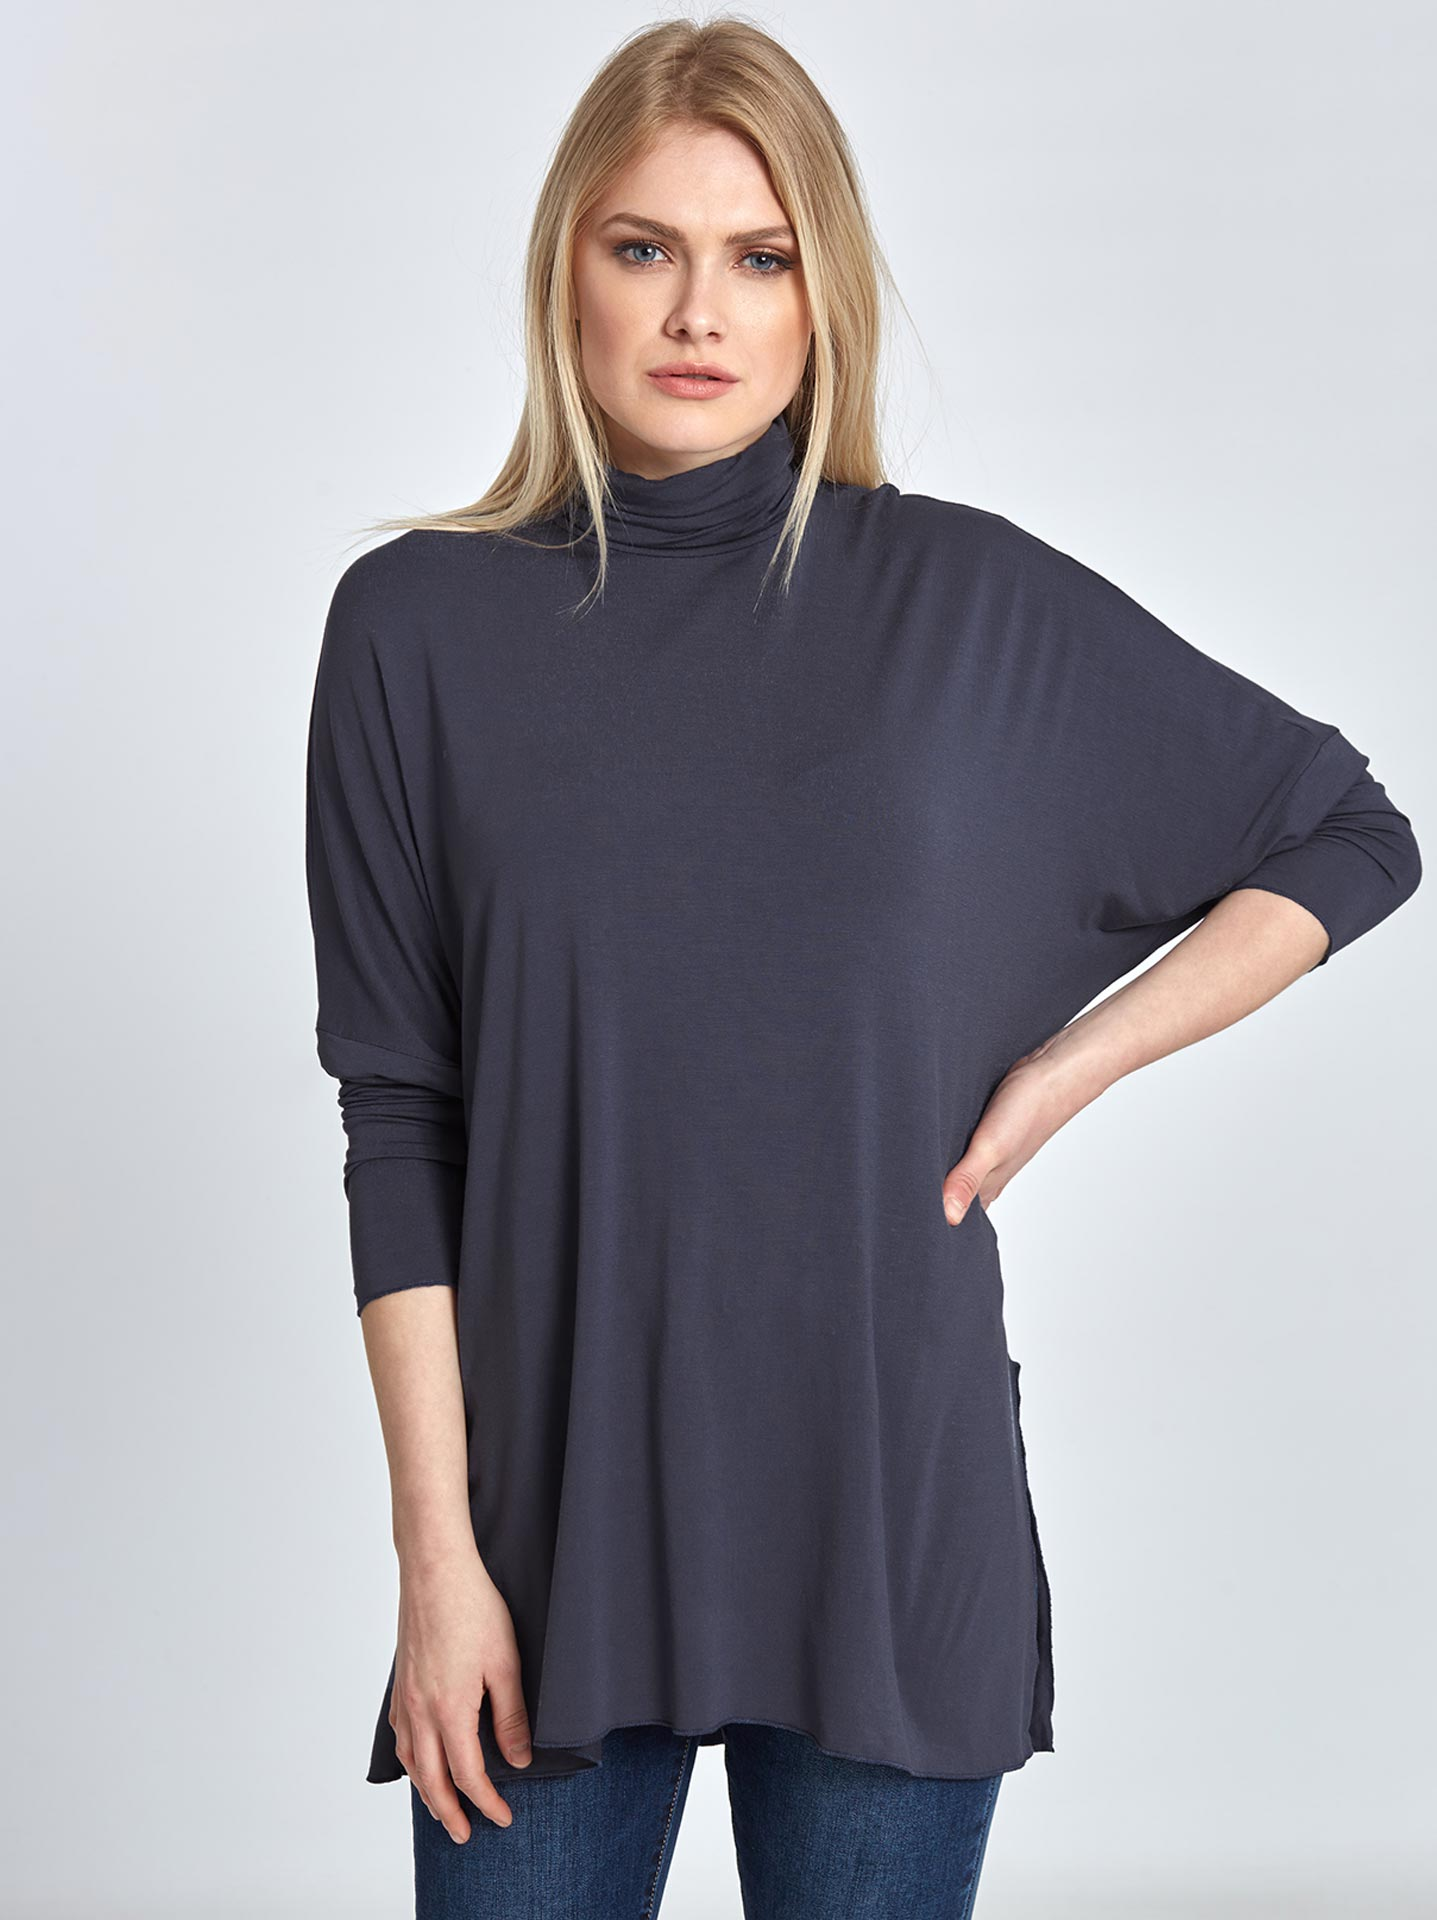 222a6d1d953a Ζιβάγκο μπλούζα σε μπλε ραφ